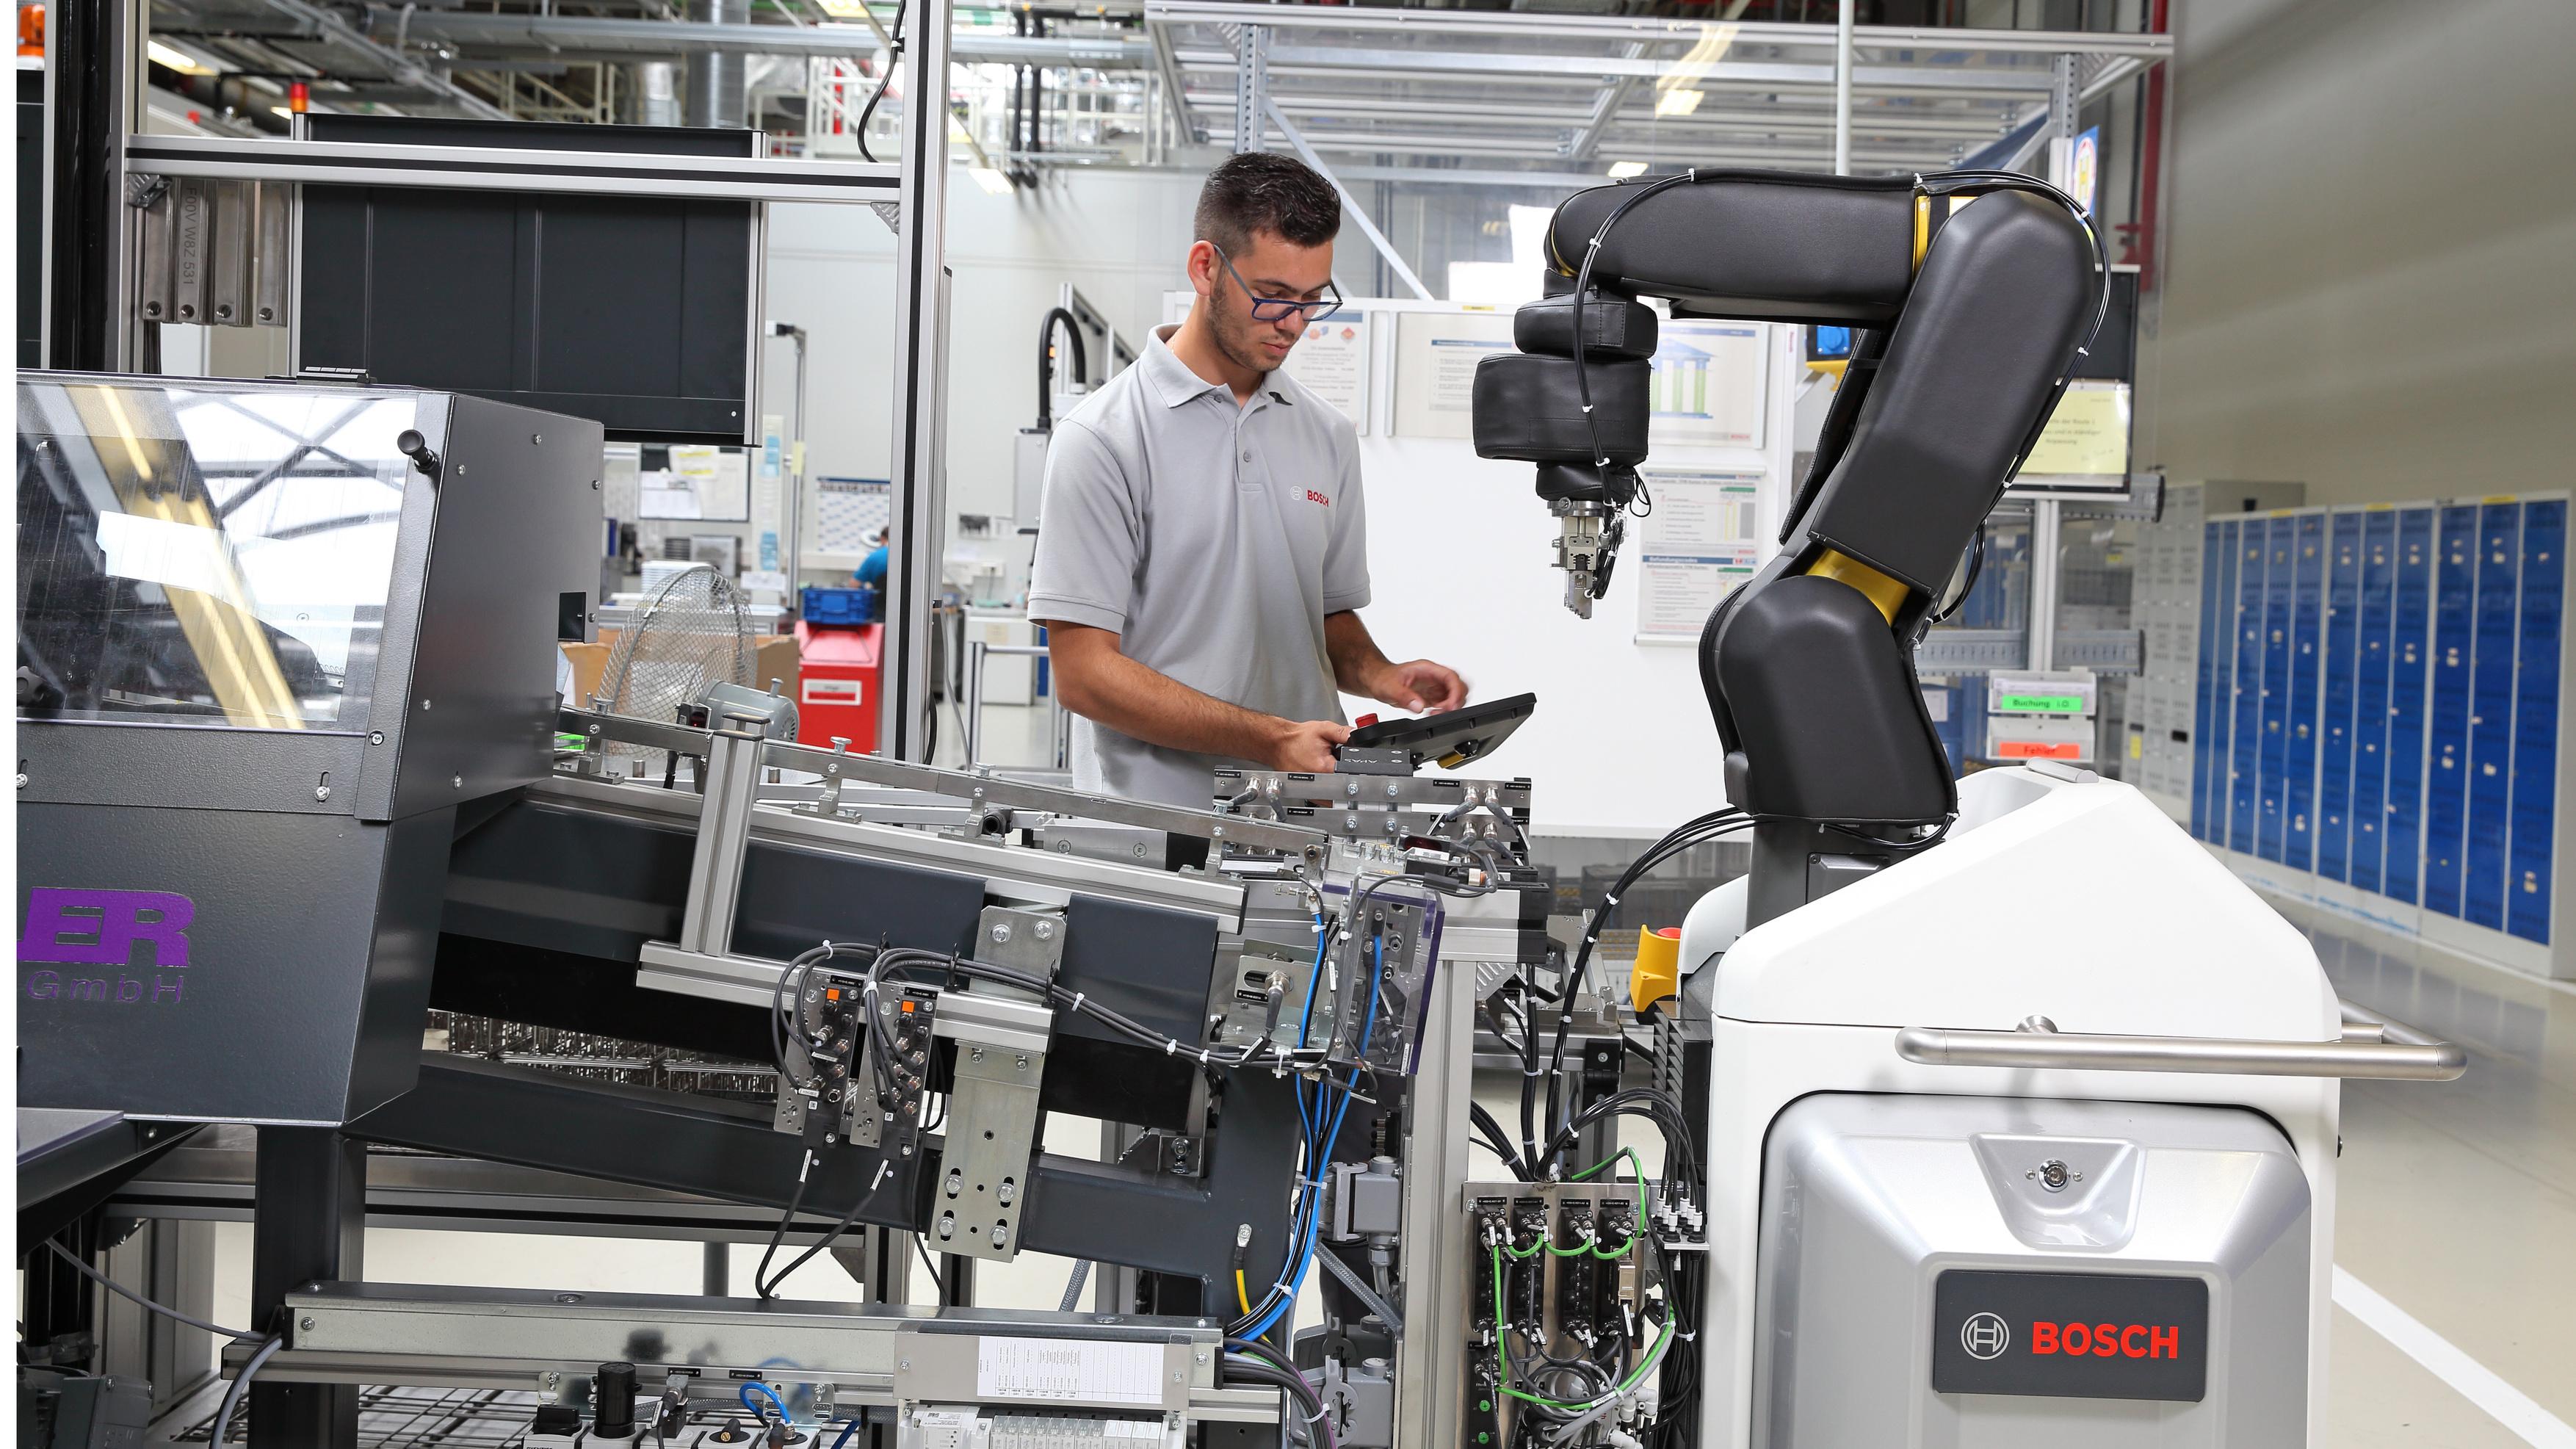 Mensch und Maschine arbeiten bei Bosch Hand in Hand